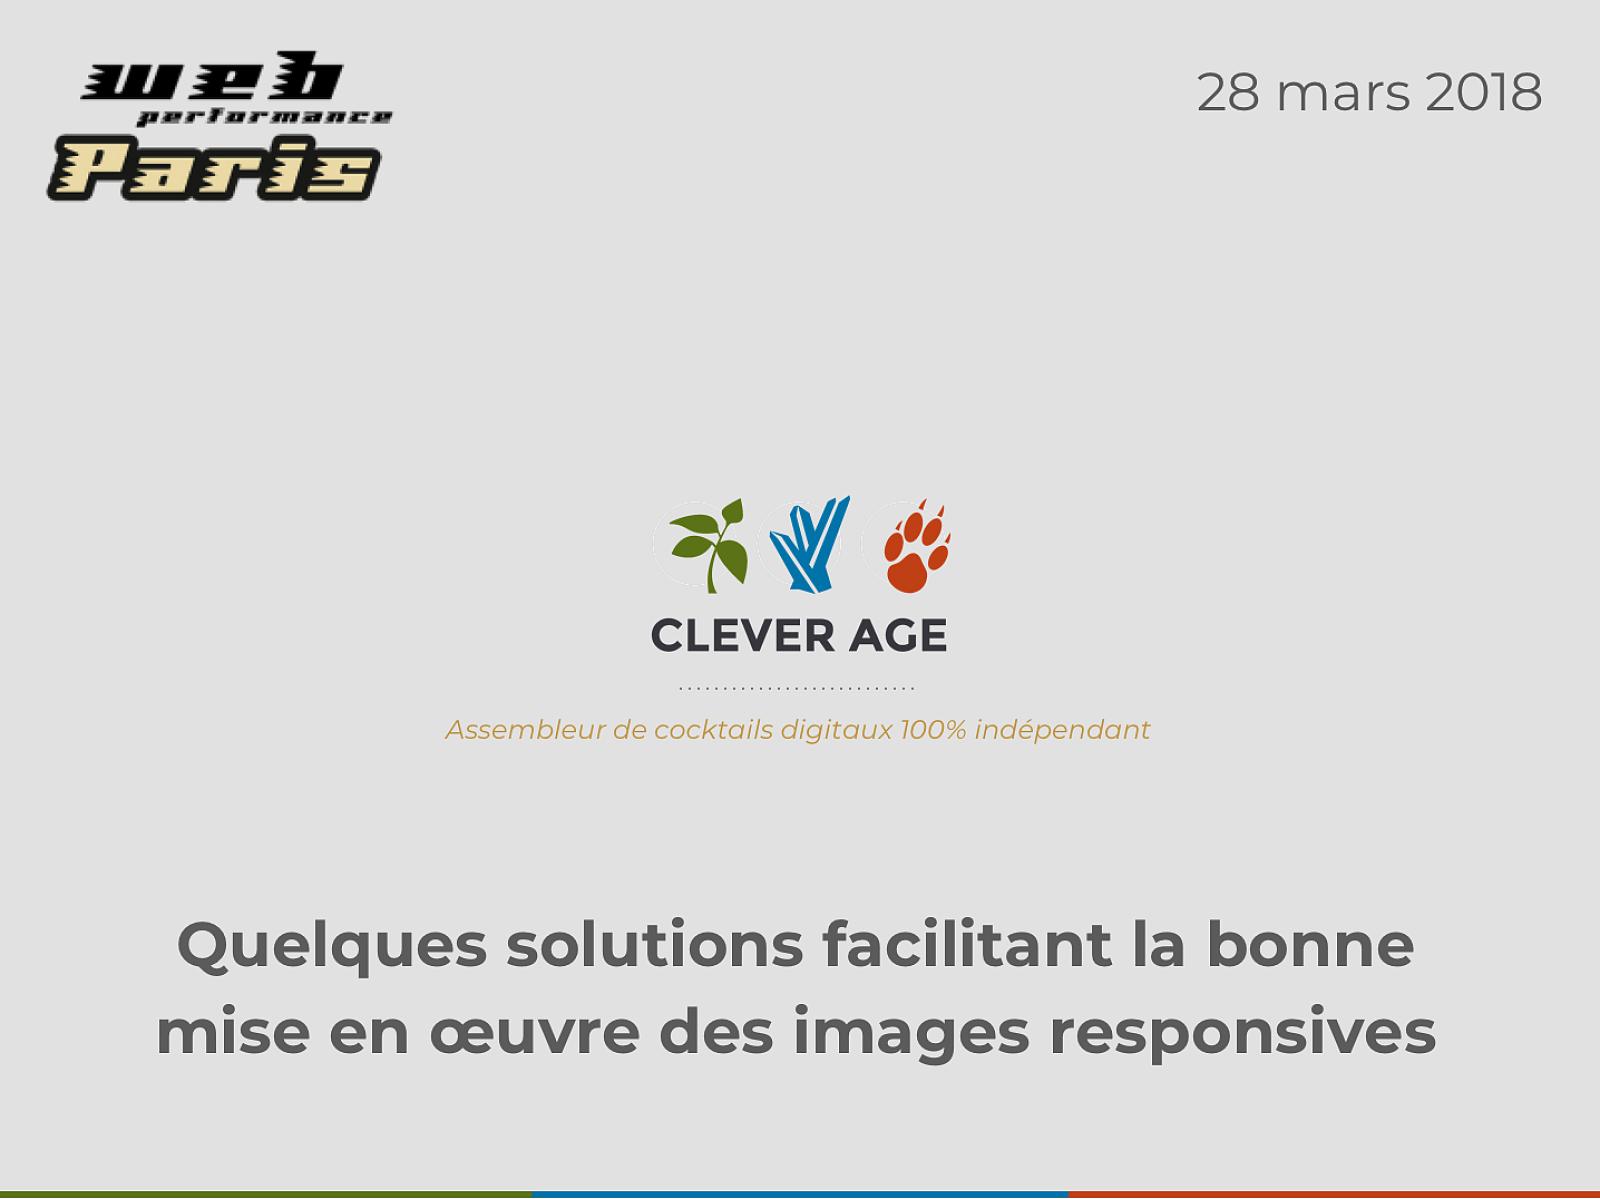 Quelques solutions facilitant la bonne mise en œuvre des images responsives